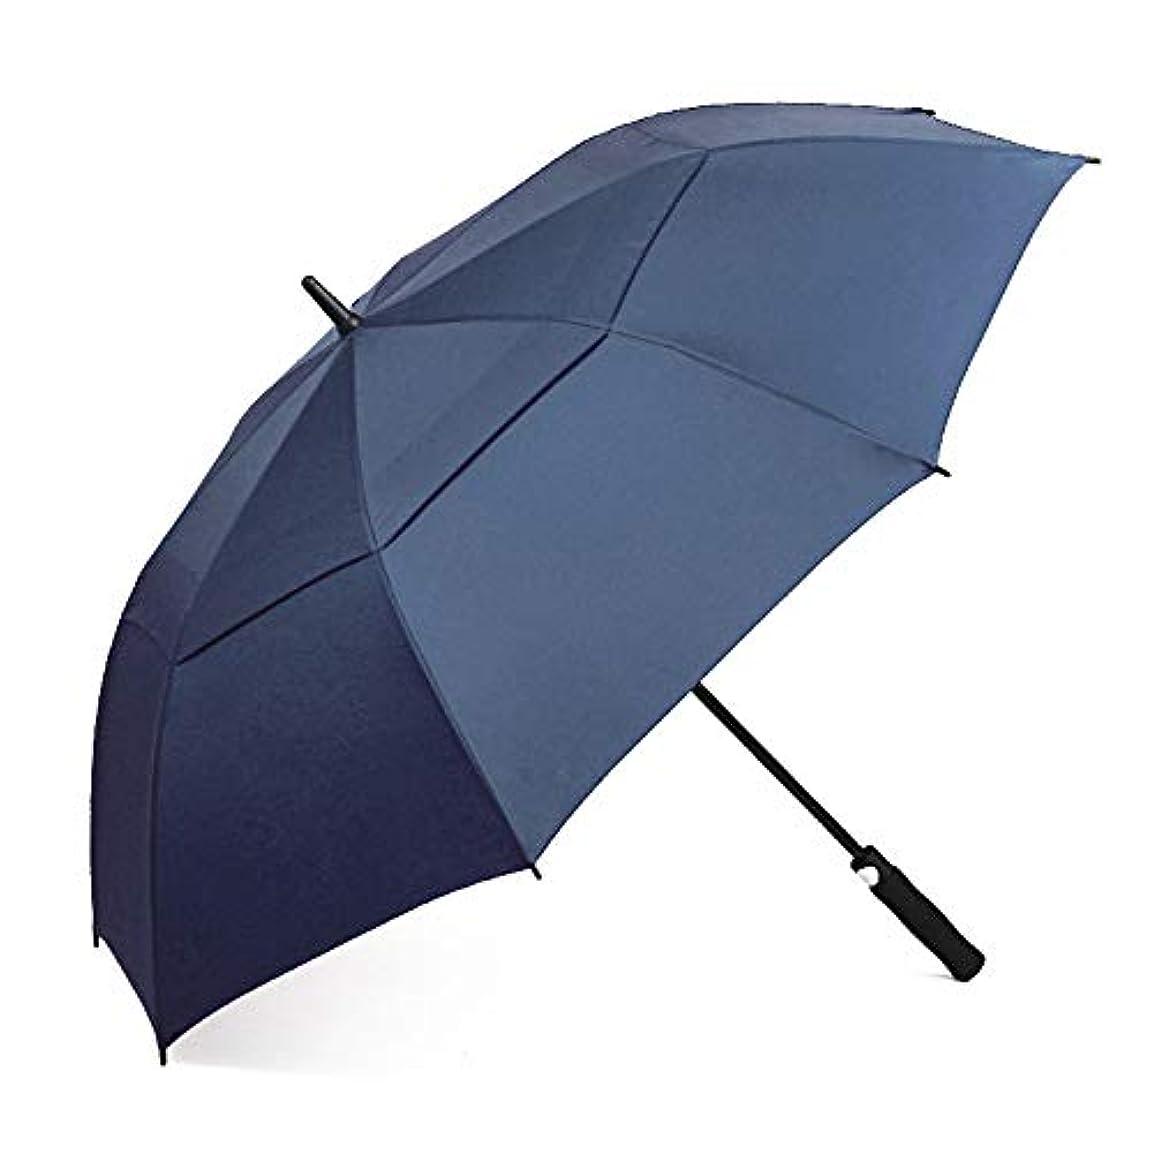 満足できる盆母二重層の超大きいまっすぐなハンドル自動傘、明確な雨の二重使用防風の自動開閉の折りたたみ,ブルー